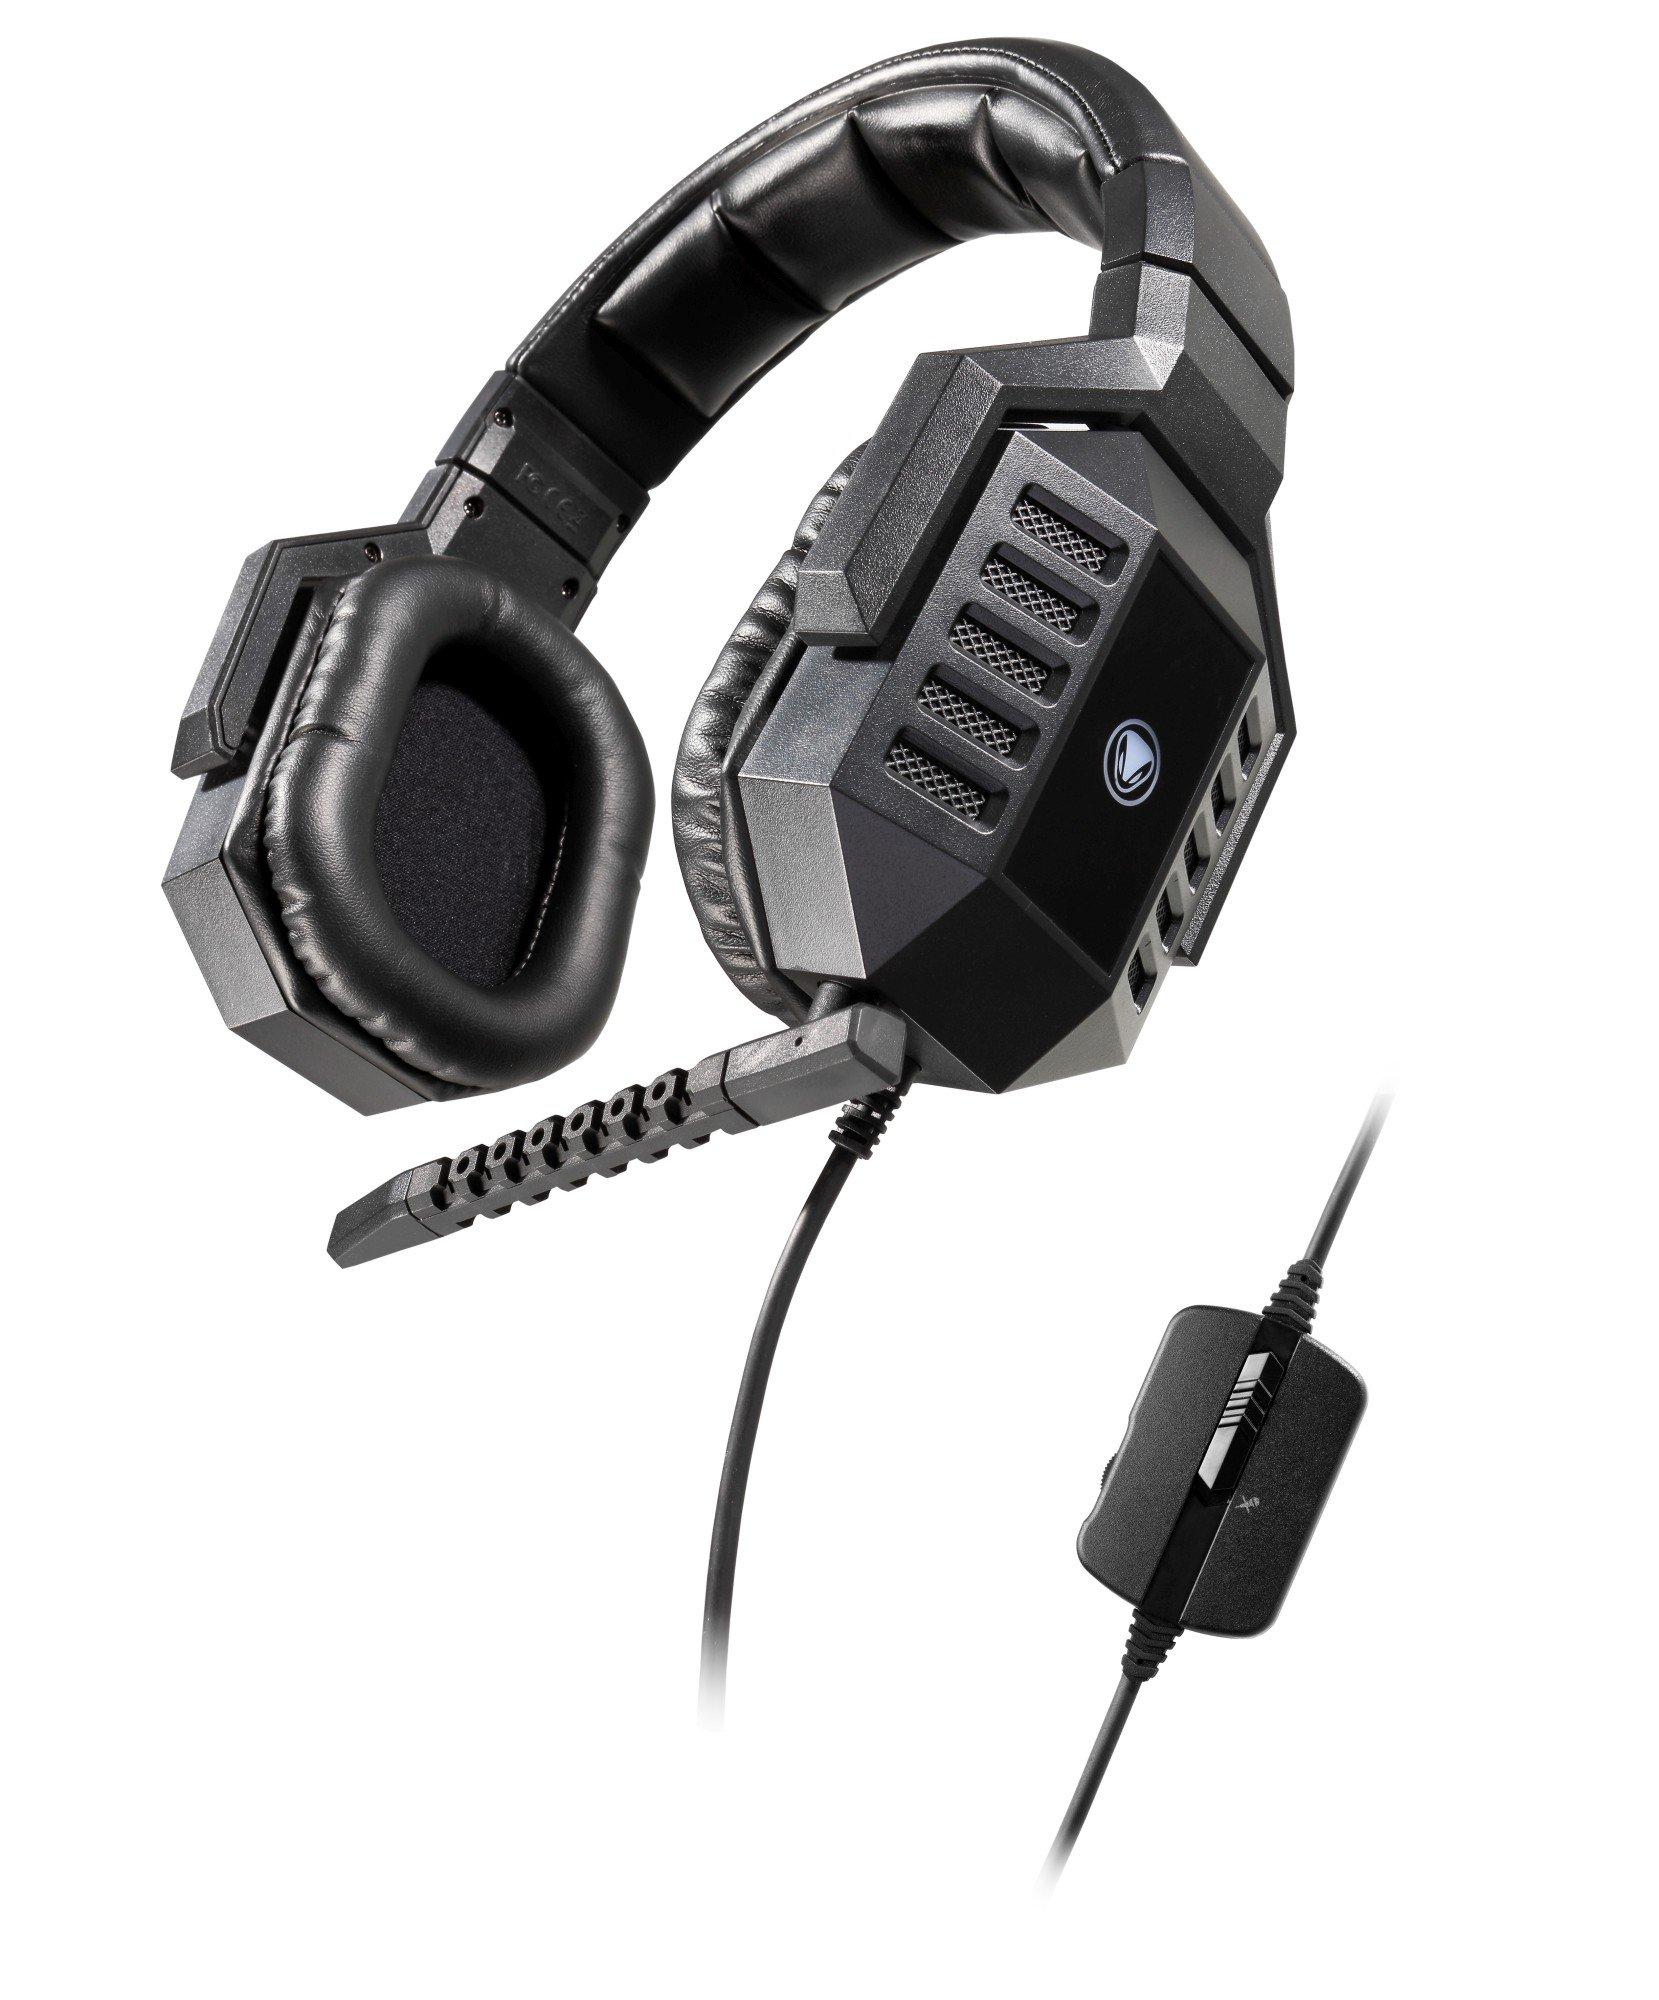 Snakebyte Snakebyte Python 3300S - Stereo Gaming Headset...